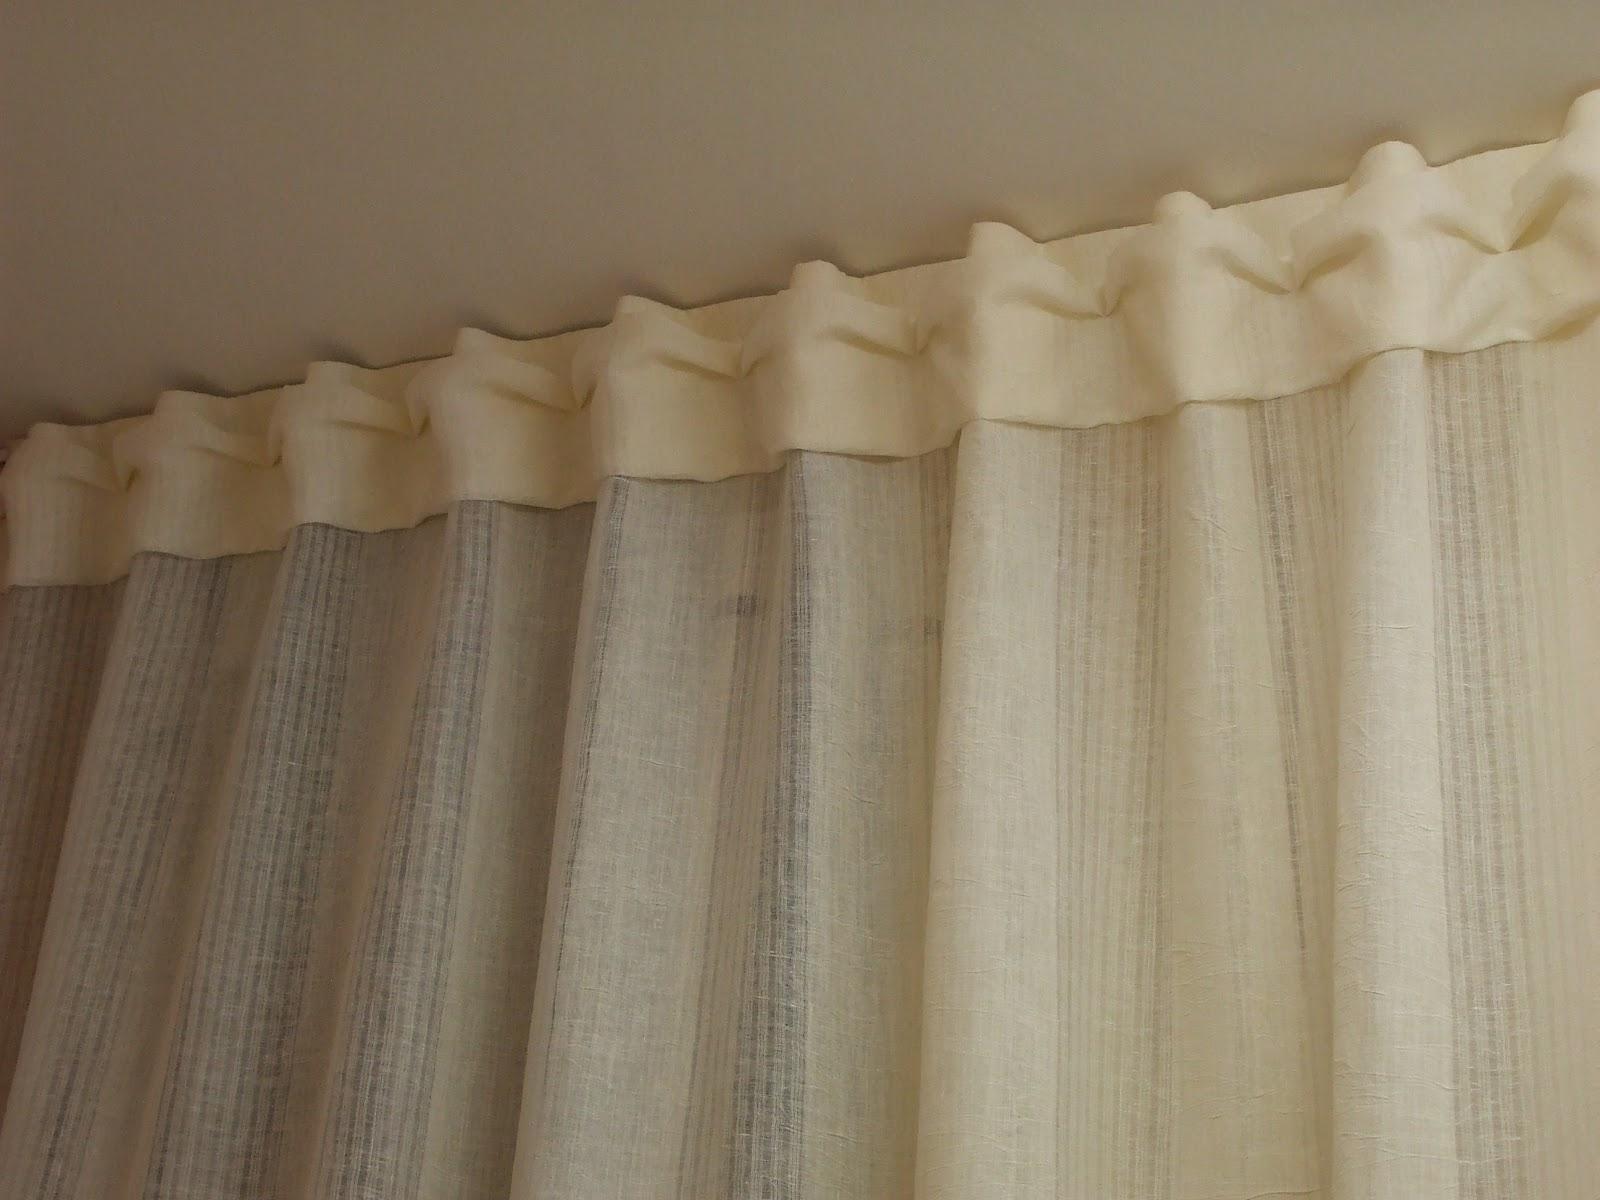 Claves para que el buen gusto impere en tu hogar - Sistemas para cortinas ...